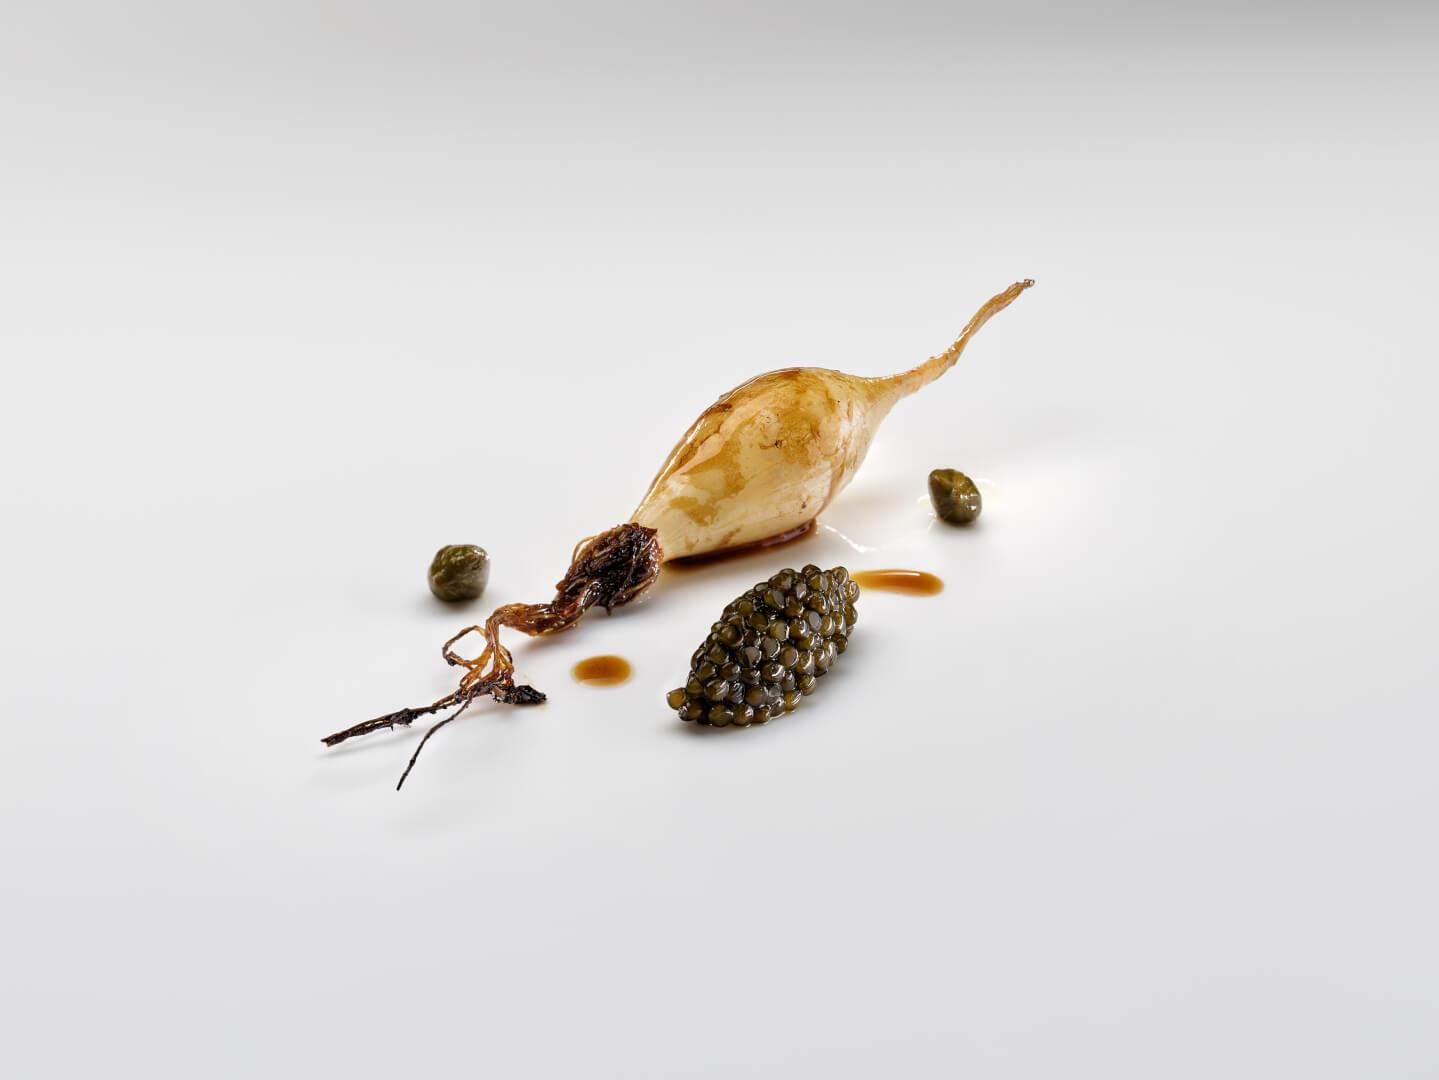 Chalota en manteca tostada, alcaparras y caviar (Foto José Luis López de Zubiria)